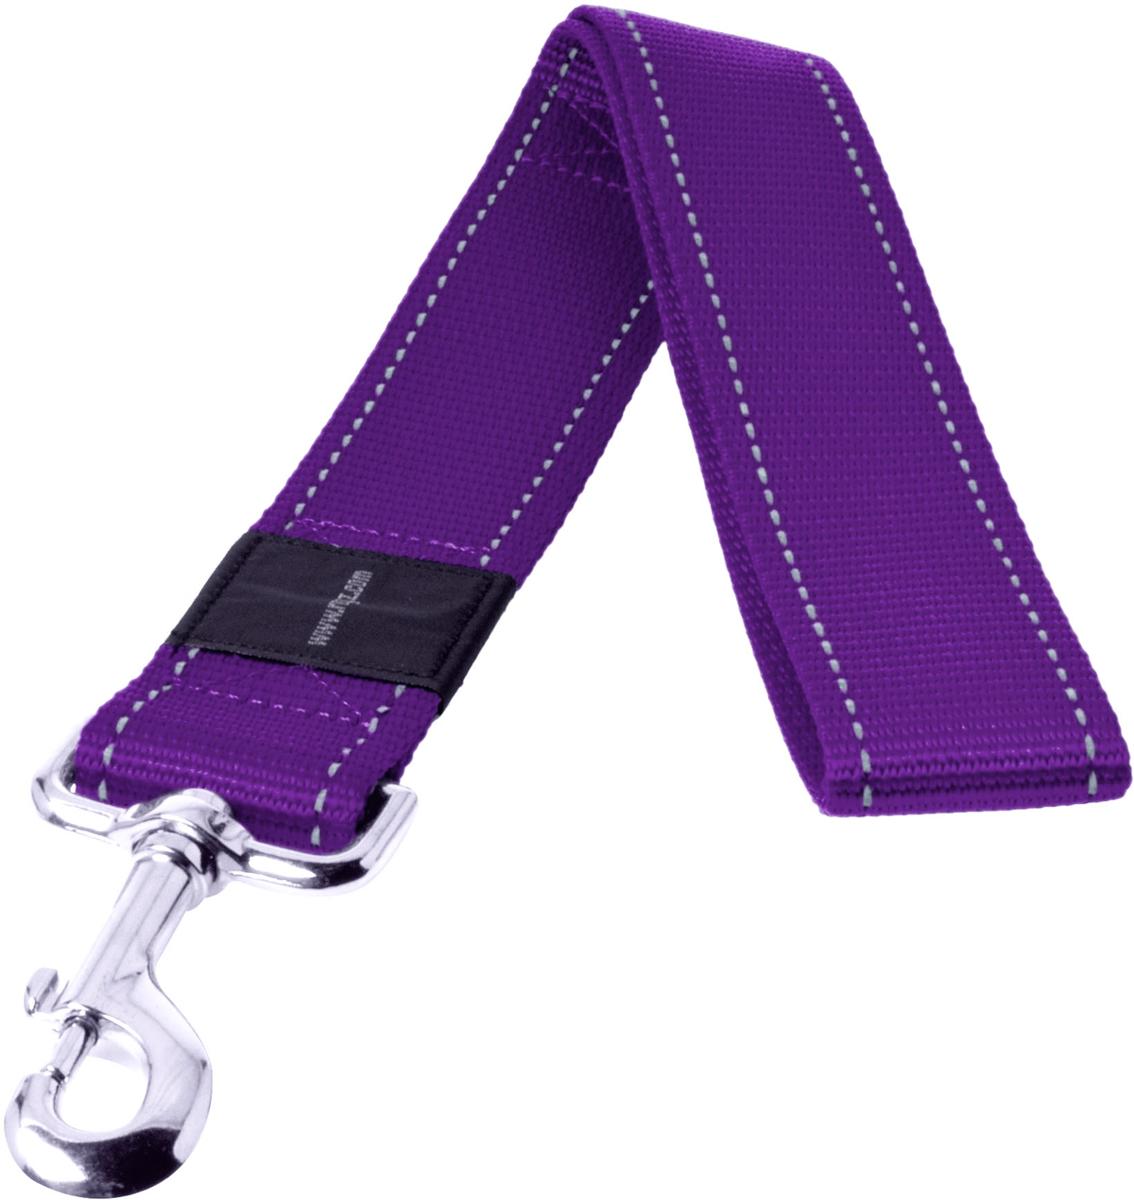 Поводок для собак Rogz Utility, цвет: фиолетовый, ширина 4 см. Размер XXL поводок для собак rogz alpinist цвет золотистый ширина 4 см размер xxl